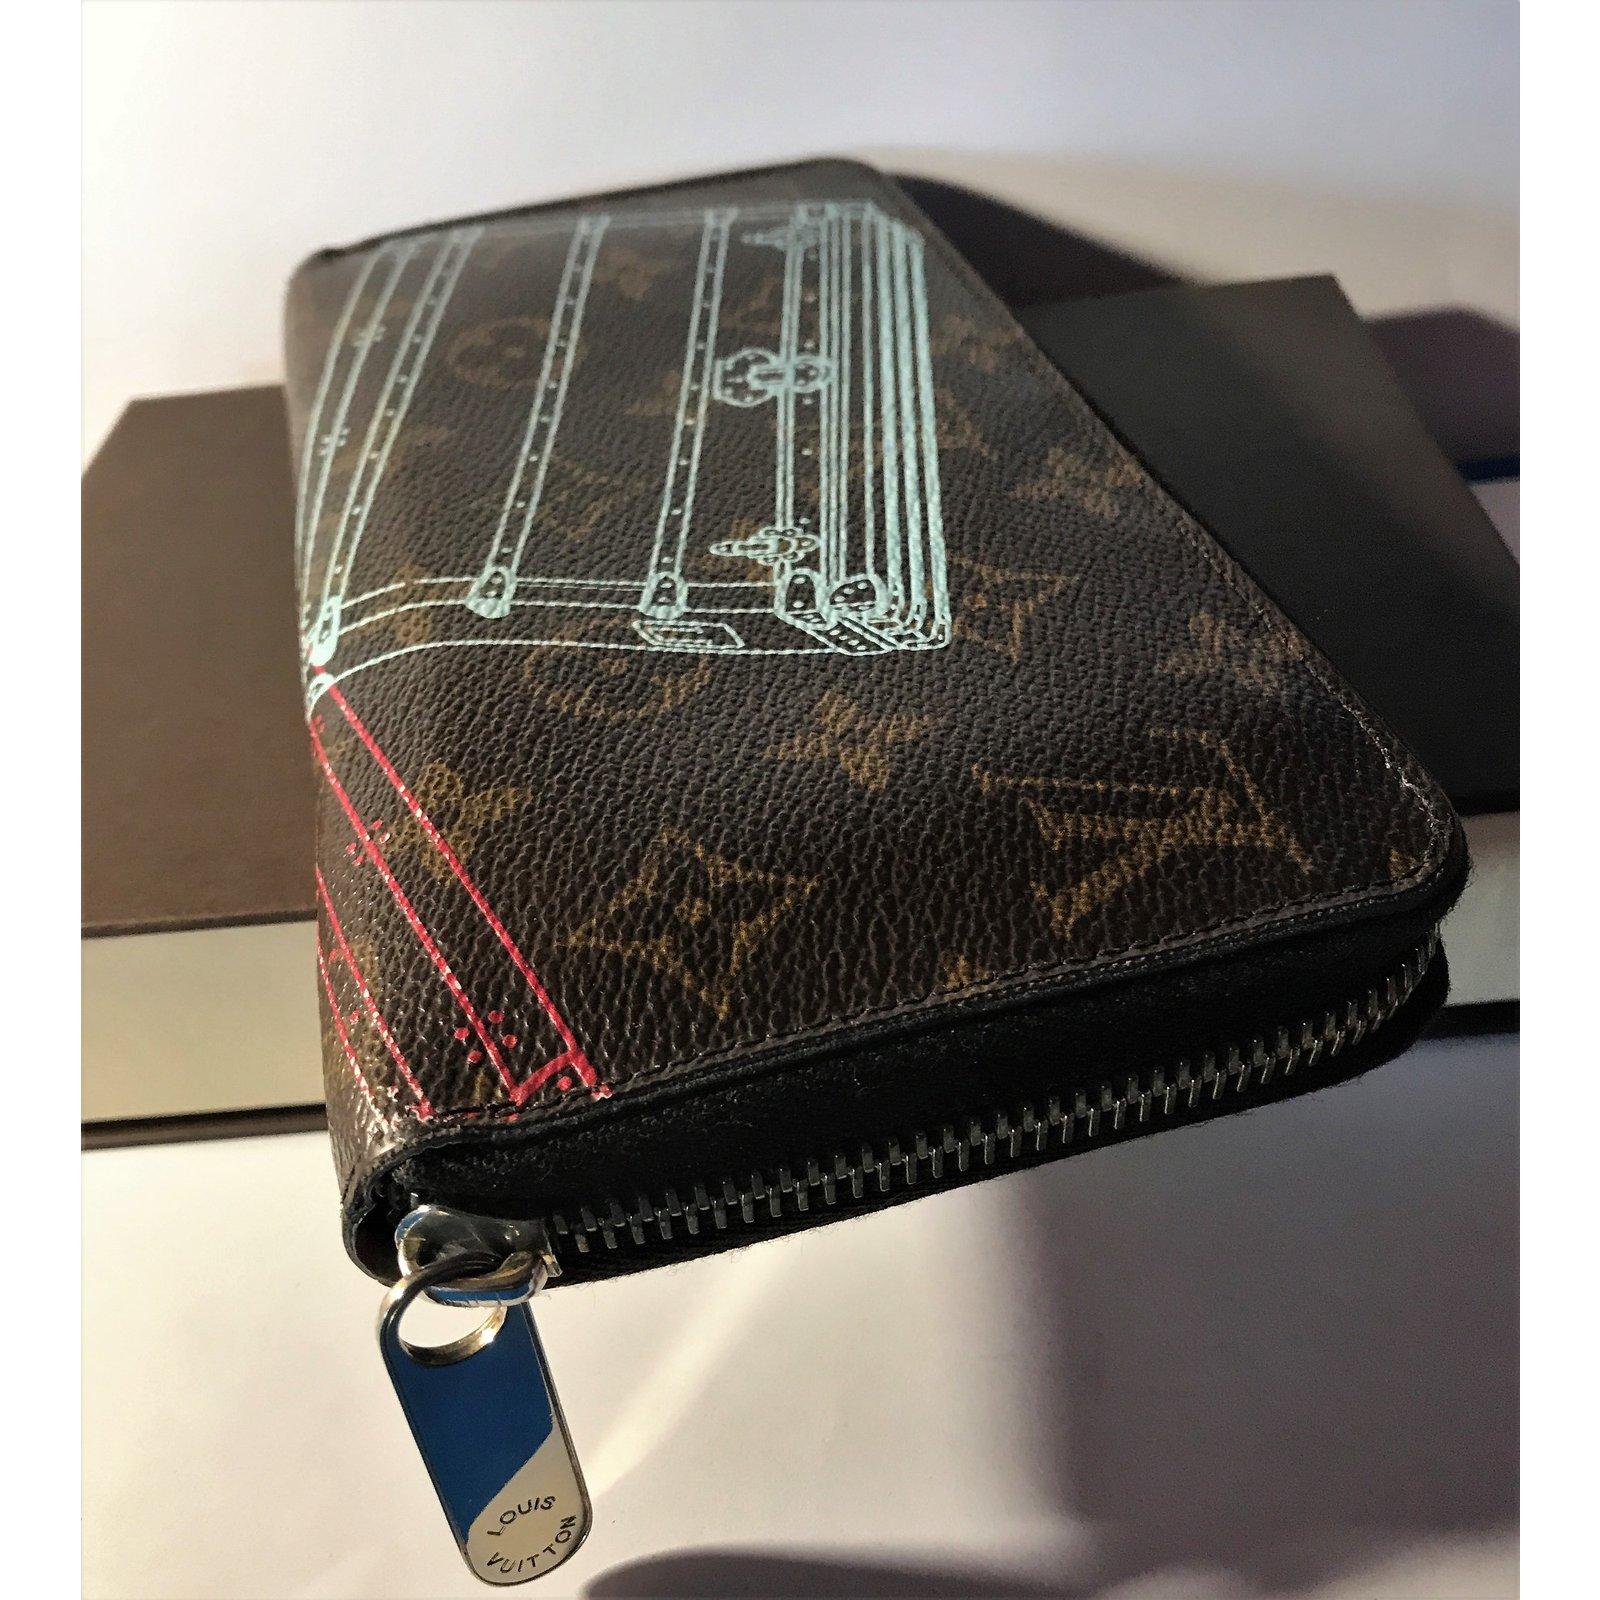 5a16b1928bbc Portefeuilles Louis Vuitton Portefeuille Zippy- Édition Limitée Série   voyages  Cuir Multicolore ref.77722 - Joli Closet